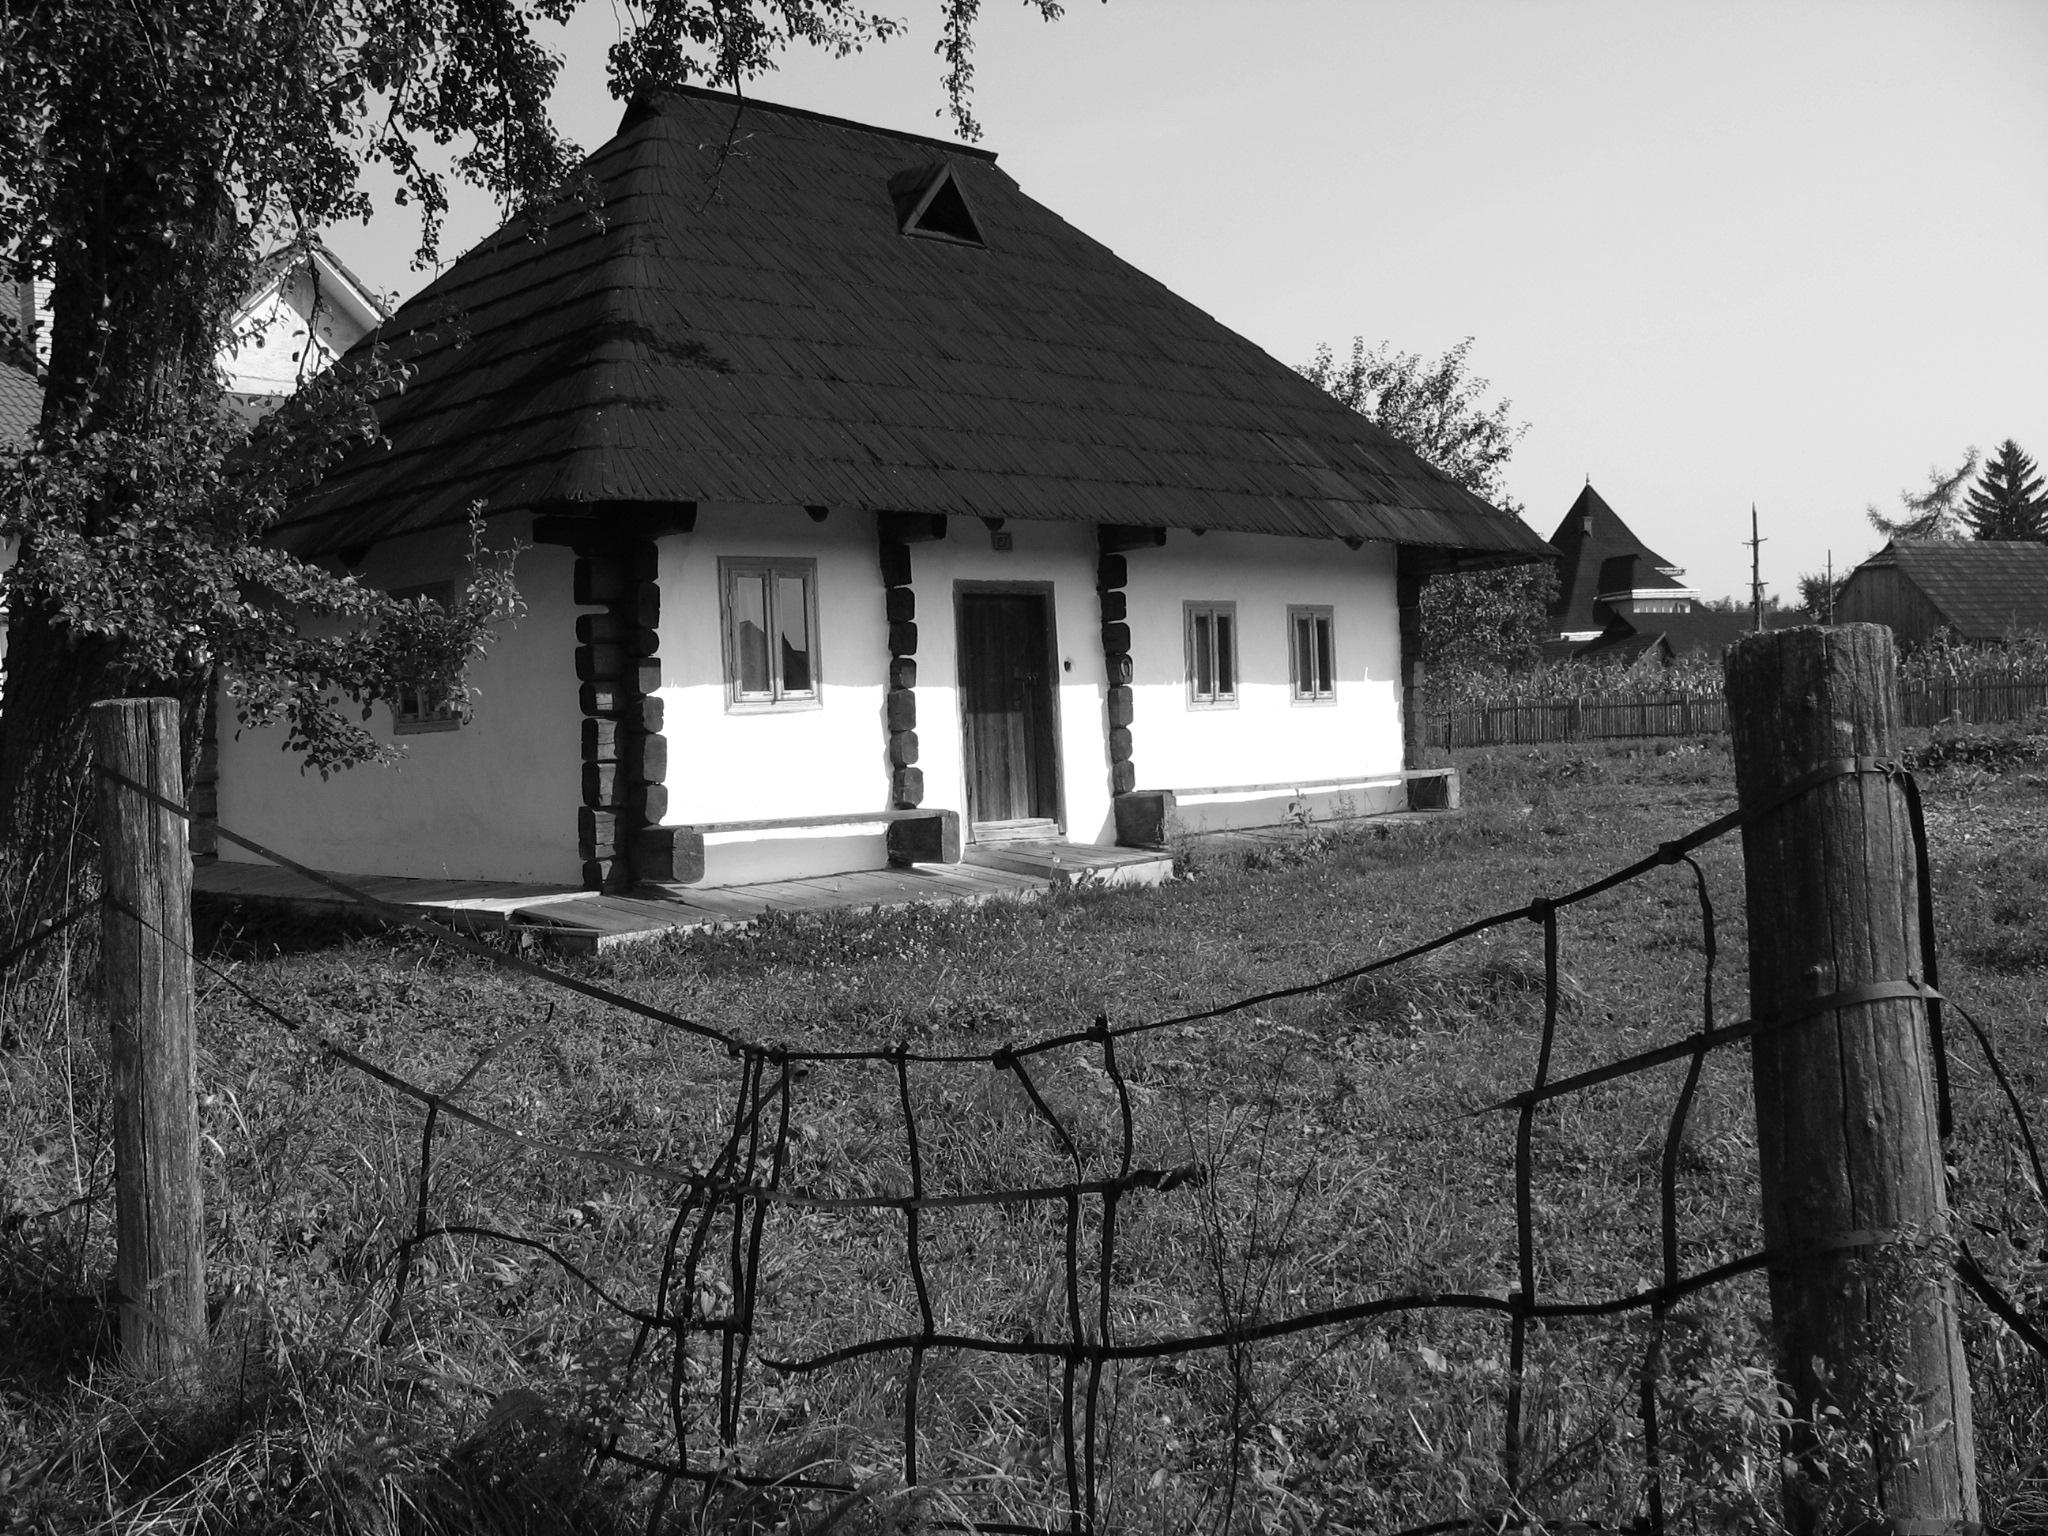 Imagini pentru casa batraneasca